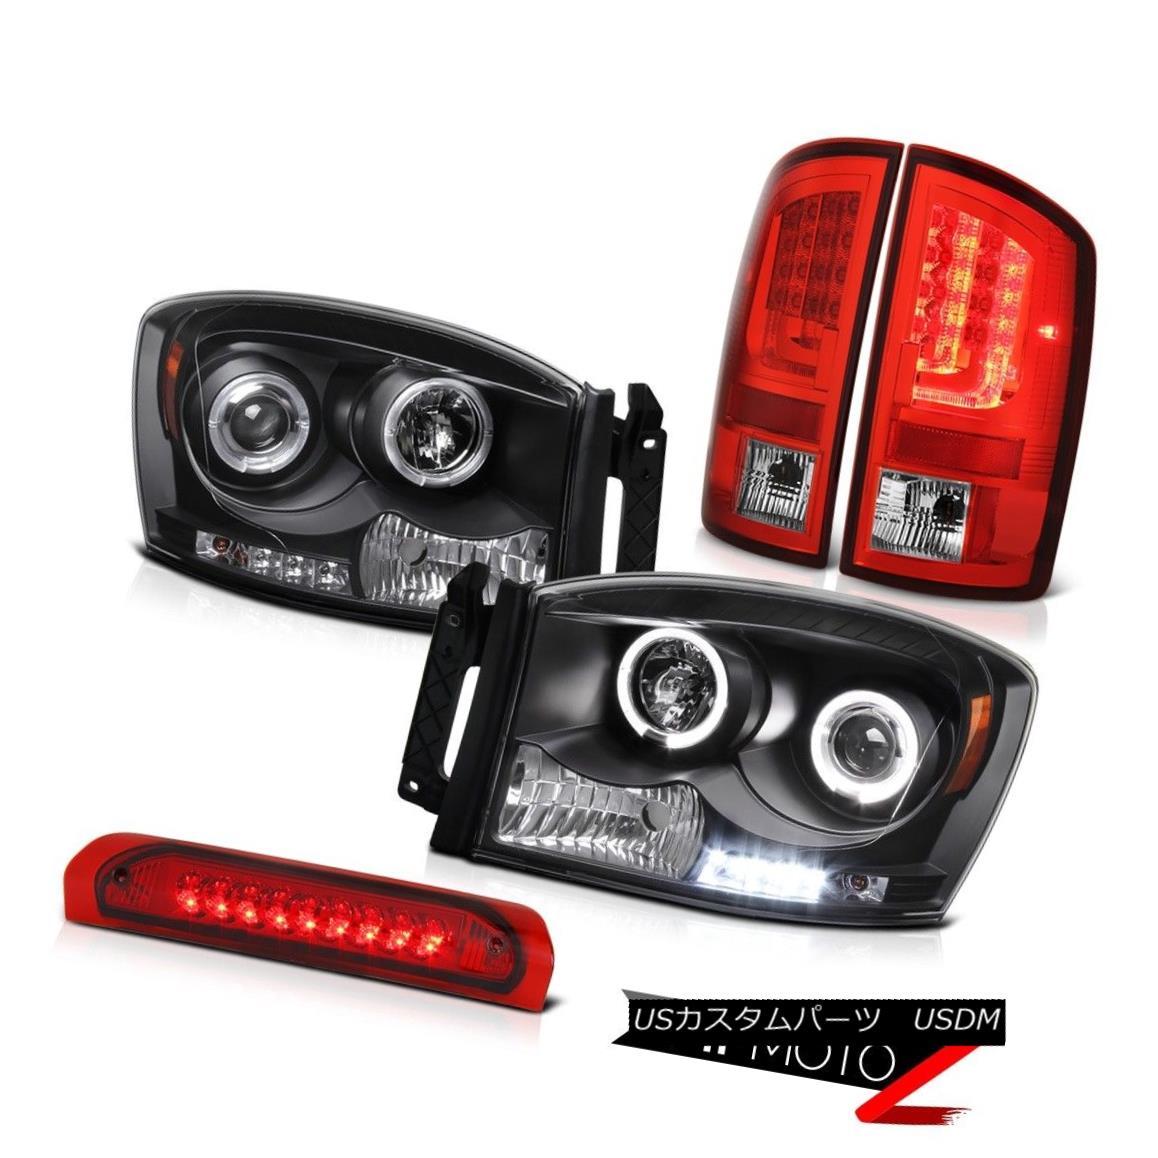 テールライト 2007-2009 Dodge Ram 1500 4.7L Red Parking Brake Lights Headlights 3RD Lamp LED 2007-2009 Dodge Ram 1500 4.7Lレッドパーキングブレーキライトヘッドライト3RDランプLED